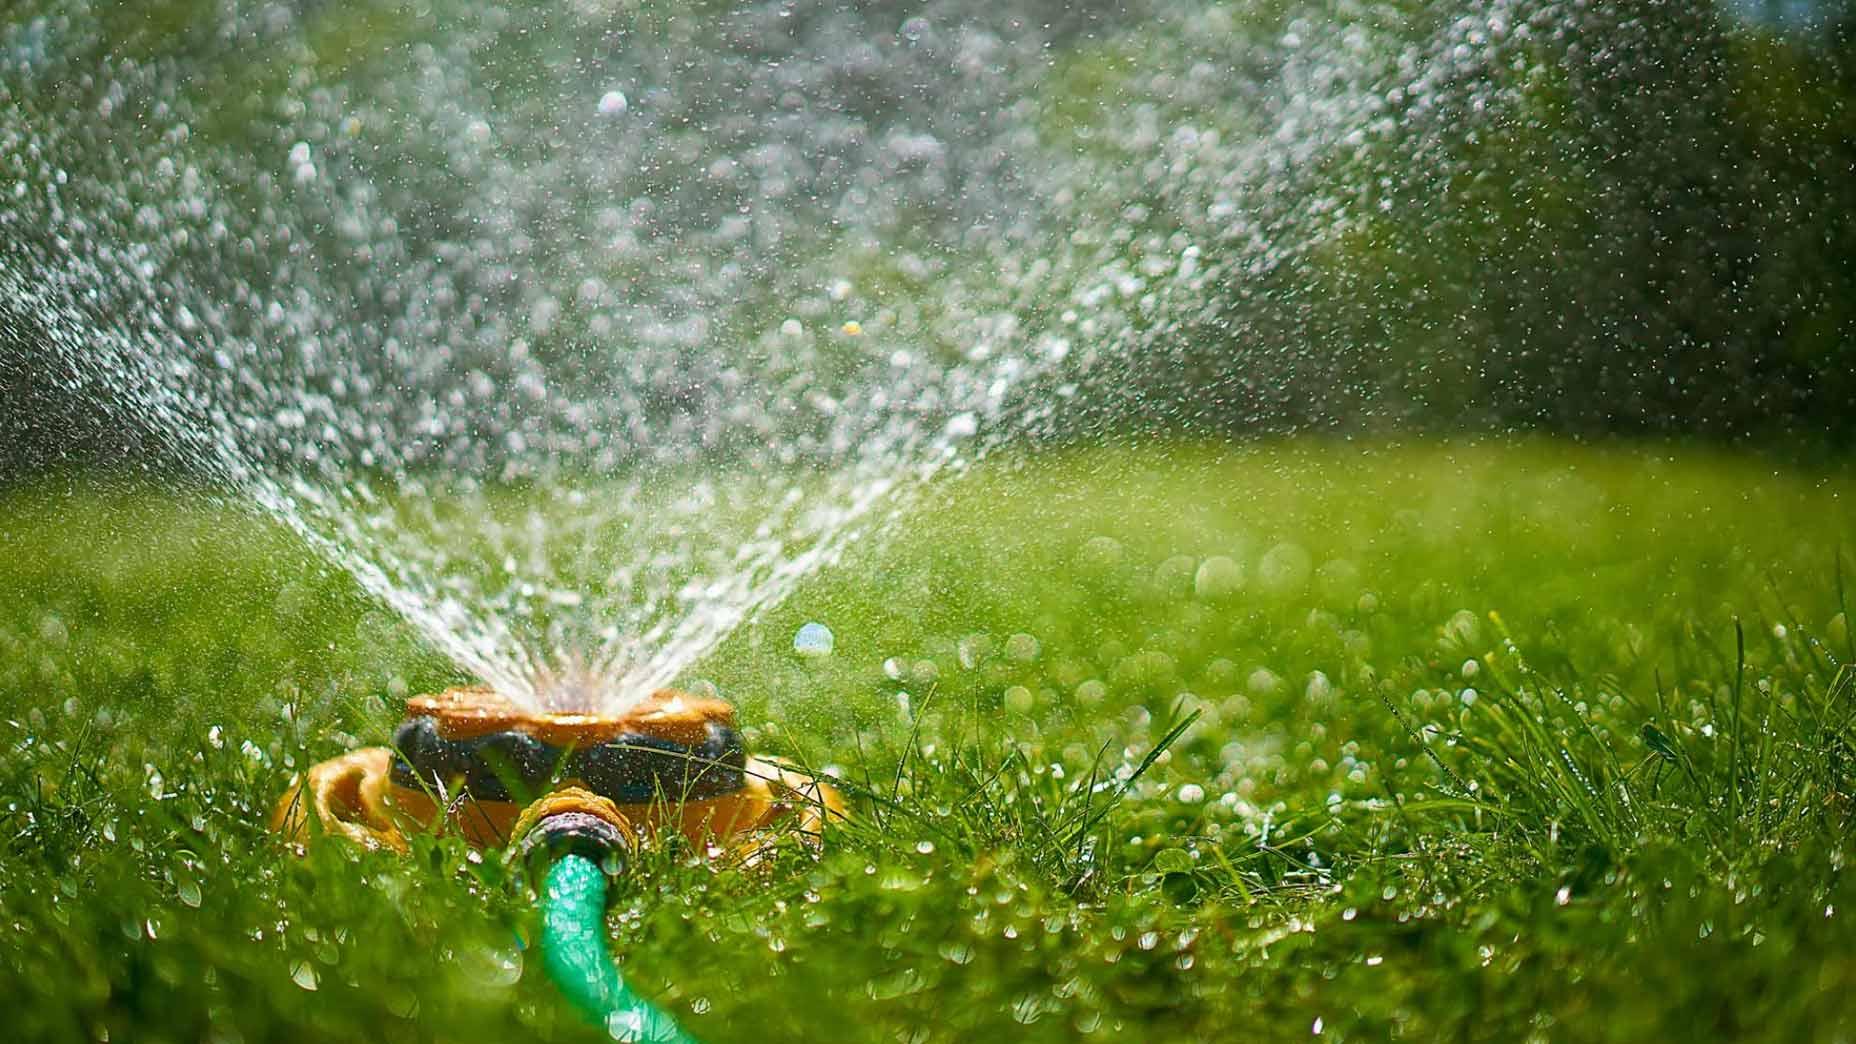 Sprinkler on a lawn.